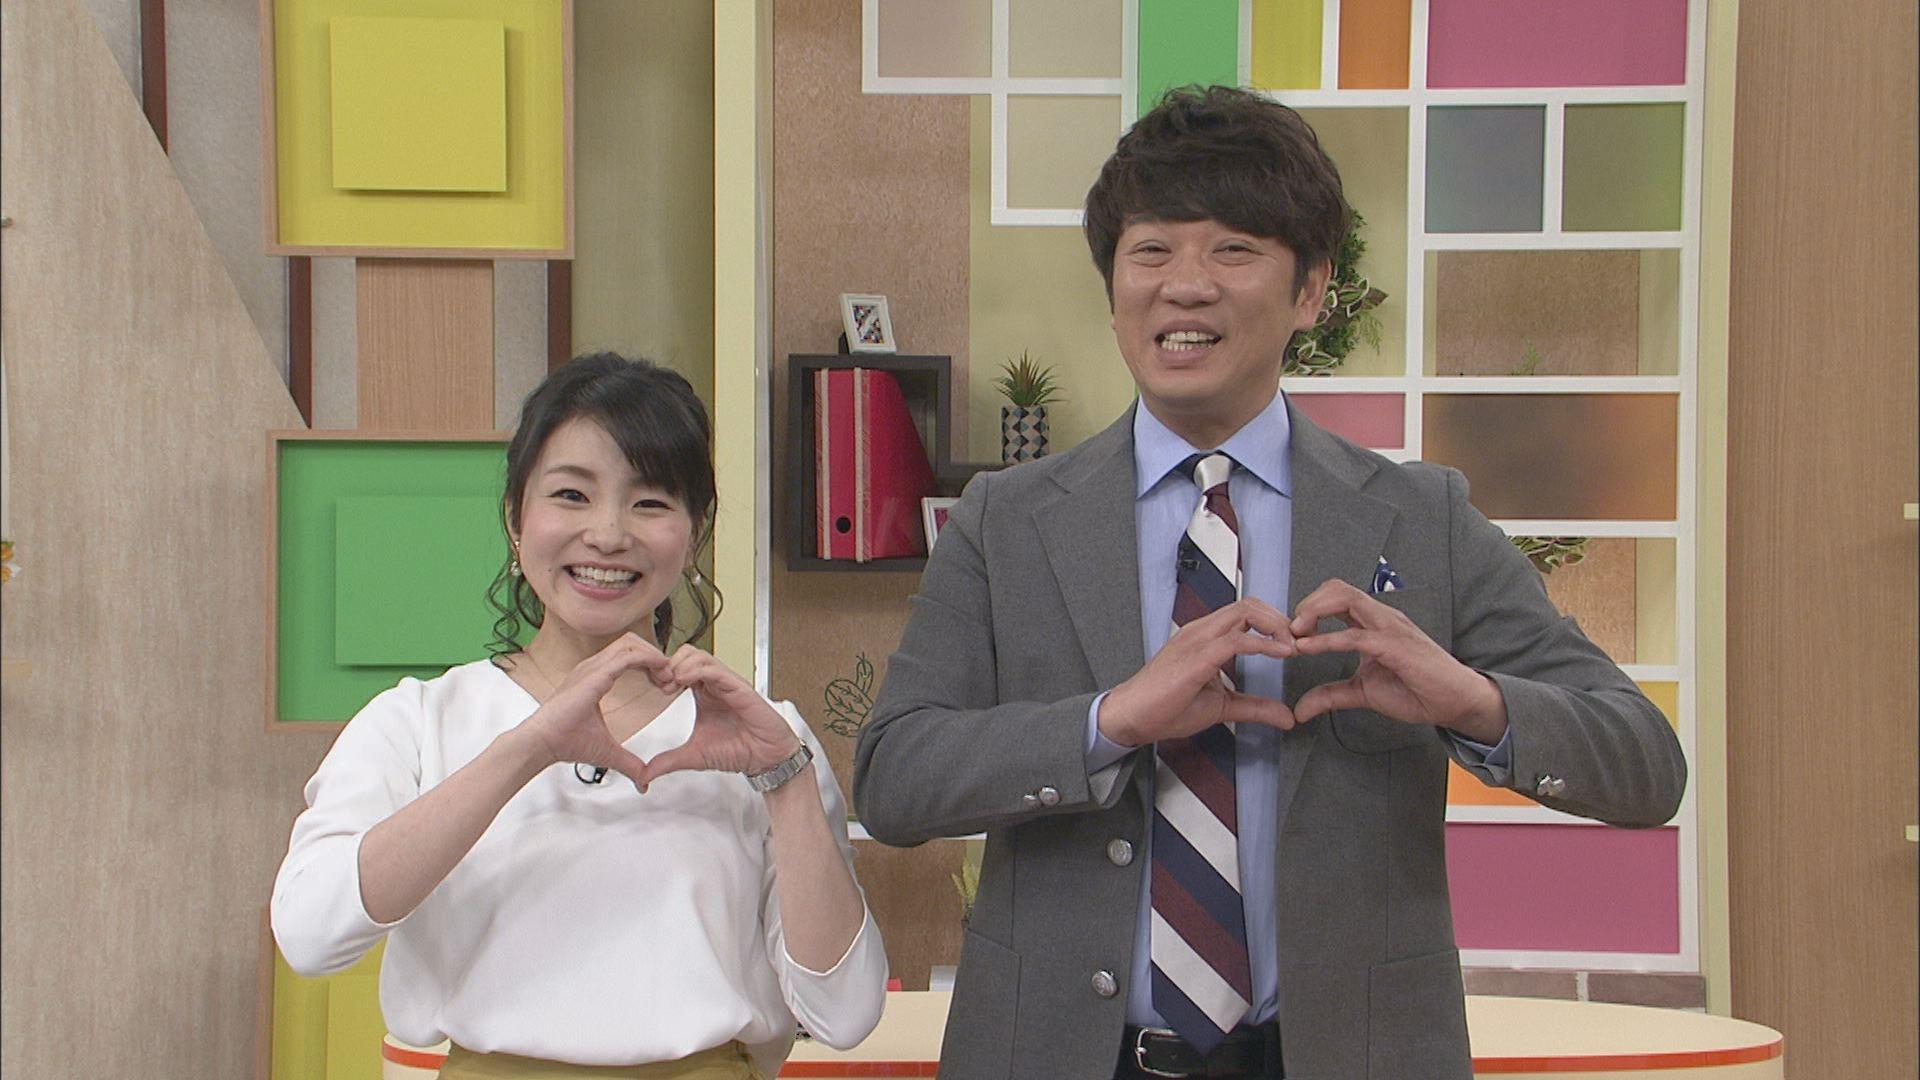 影山貴彦のテレビのホンネ。新番組「キモイリ!」TKO木本が熱い!